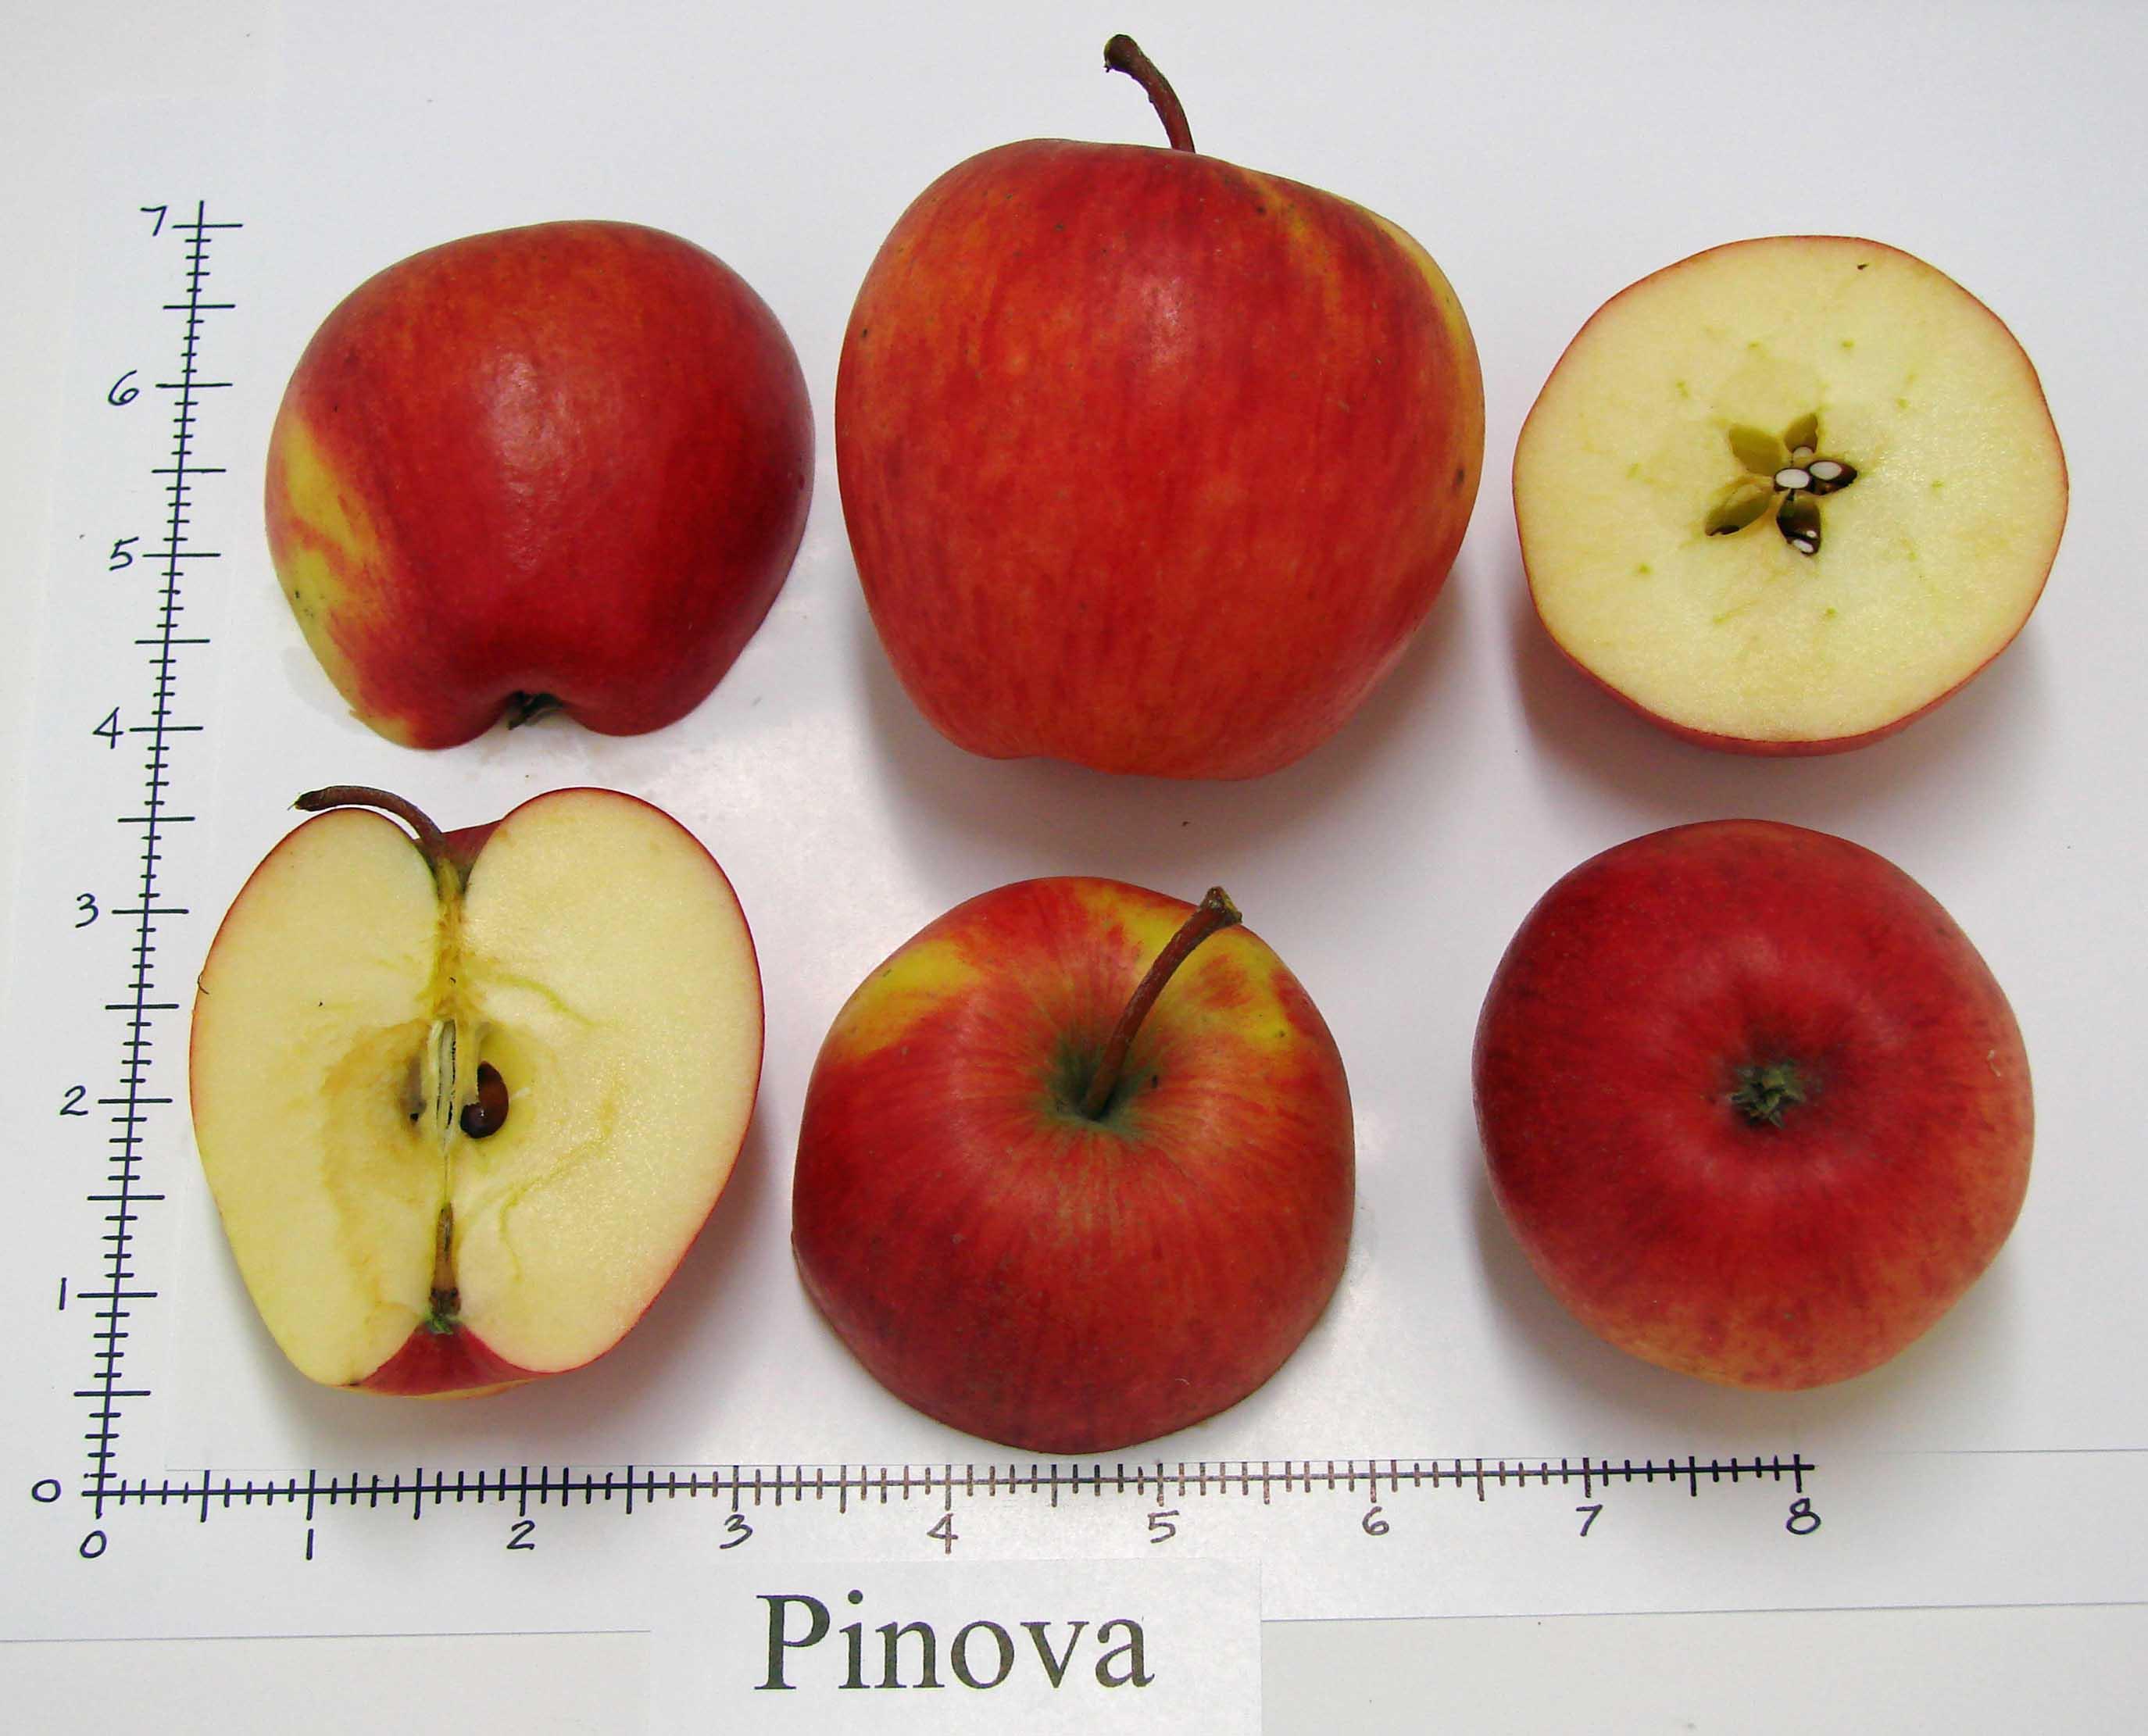 Pinata (Pinova)